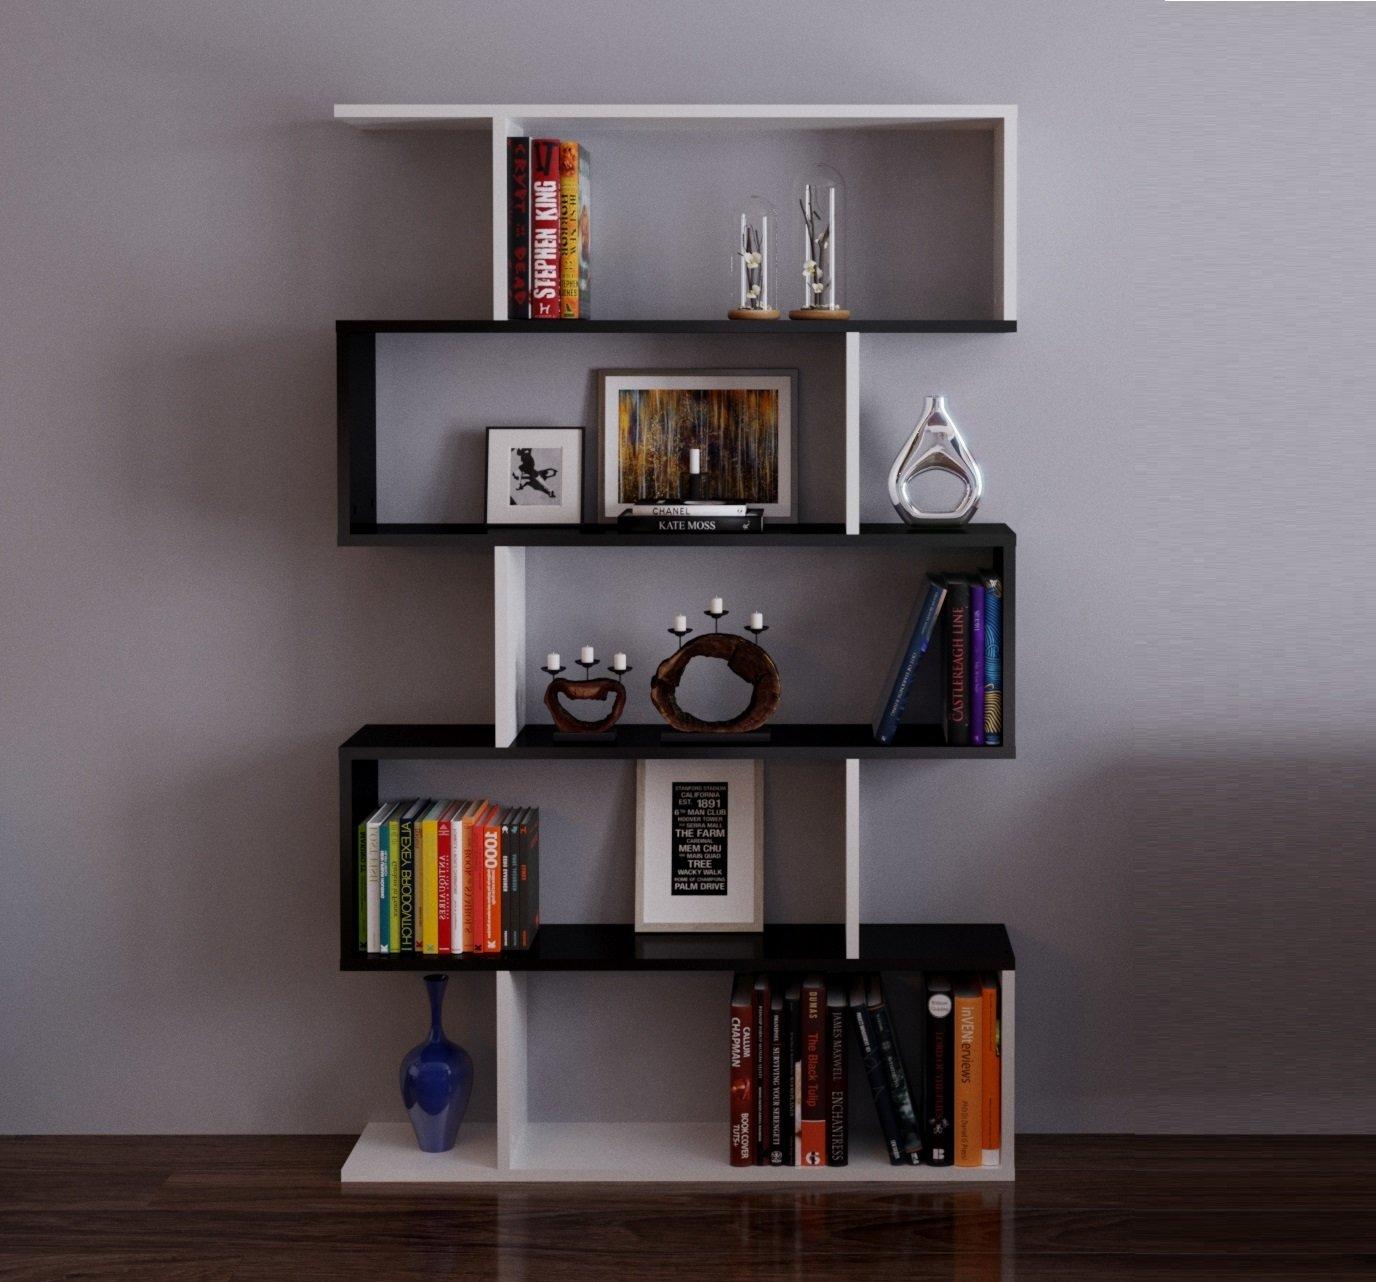 Homidea Core Libreria - Scaffale per Libri - Scaffale per Ufficio/Soggiorno dal Design Moderno (Bianco)